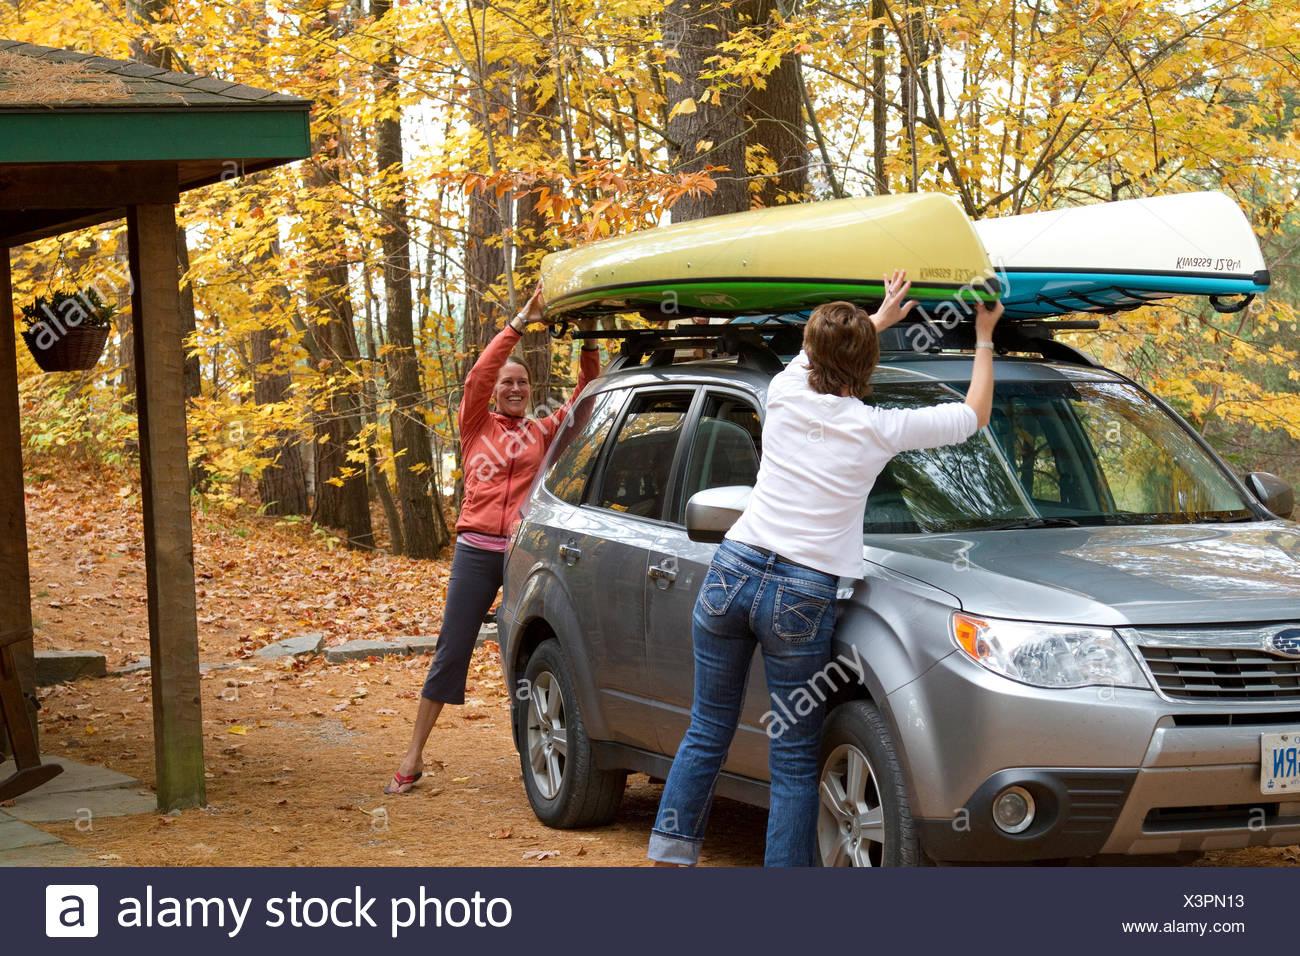 Zwei junge Frauen laden Kajaks auf dem Dach des Fahrzeugs im Cottage nahe Habichtsbitterkraut See, Muskoka, Ontario, Kanada. Stockbild